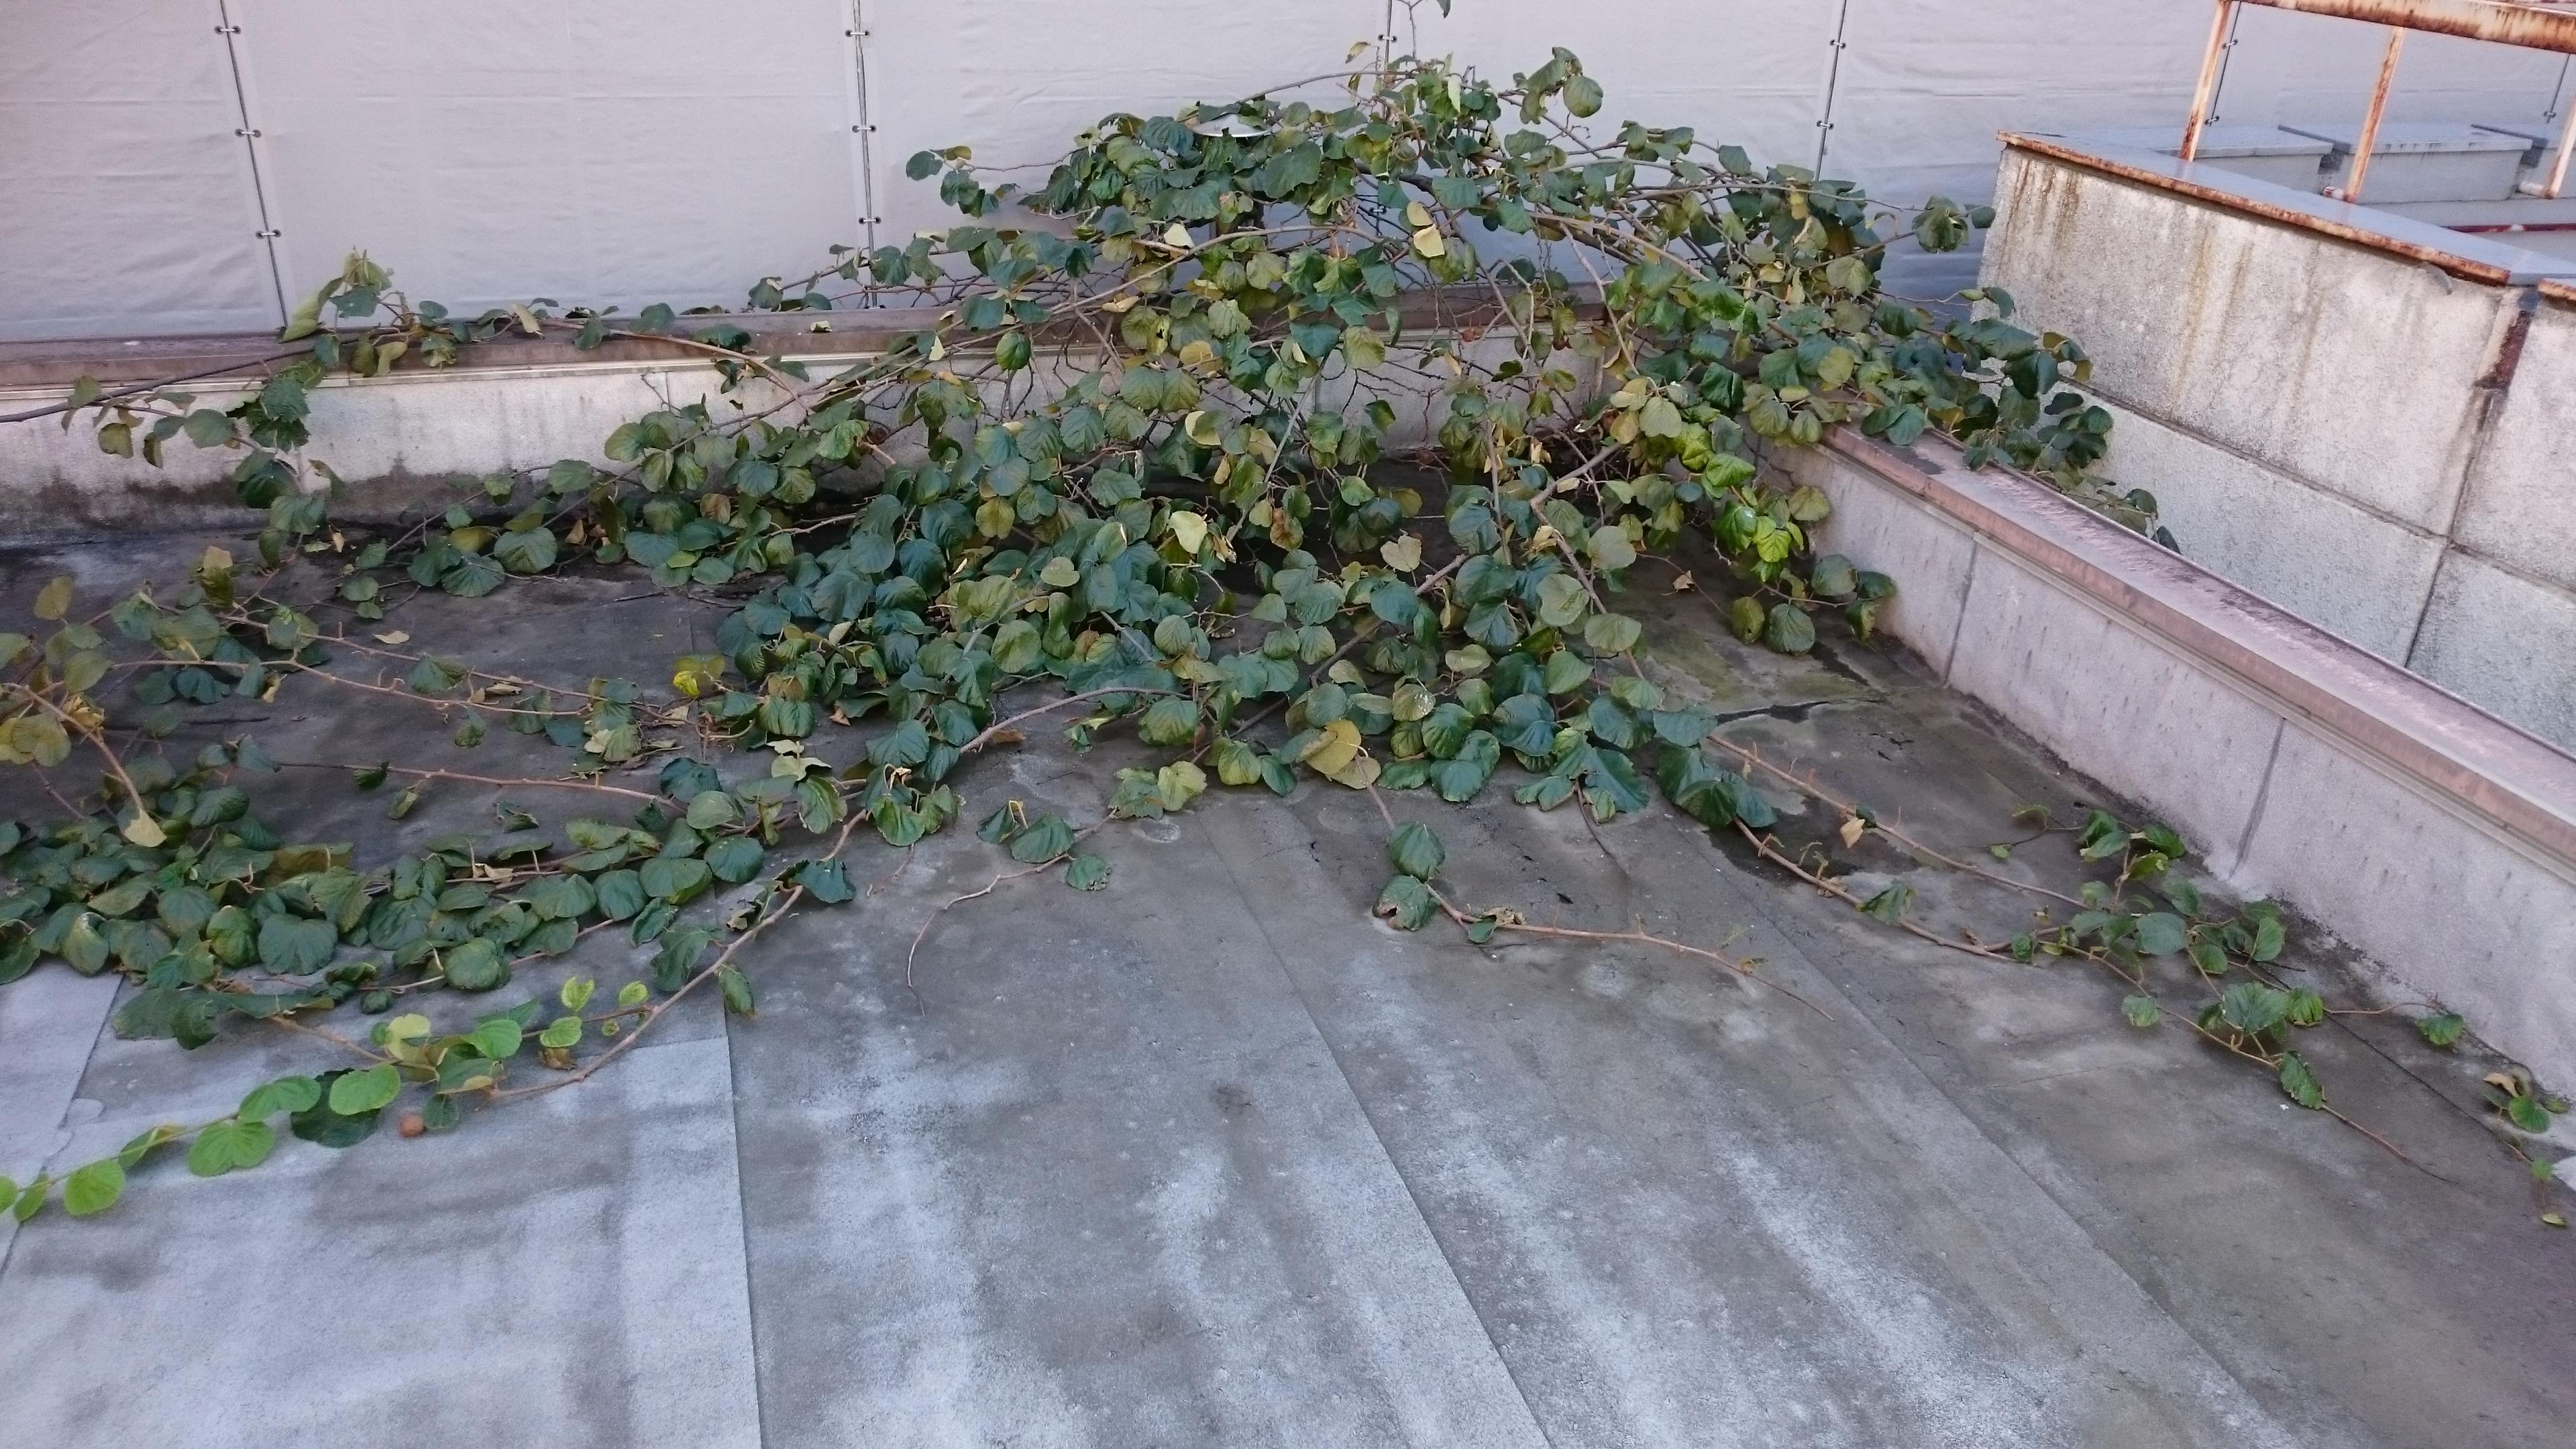 屋上部分で枝を広げ葉を茂らせていた巨大植物